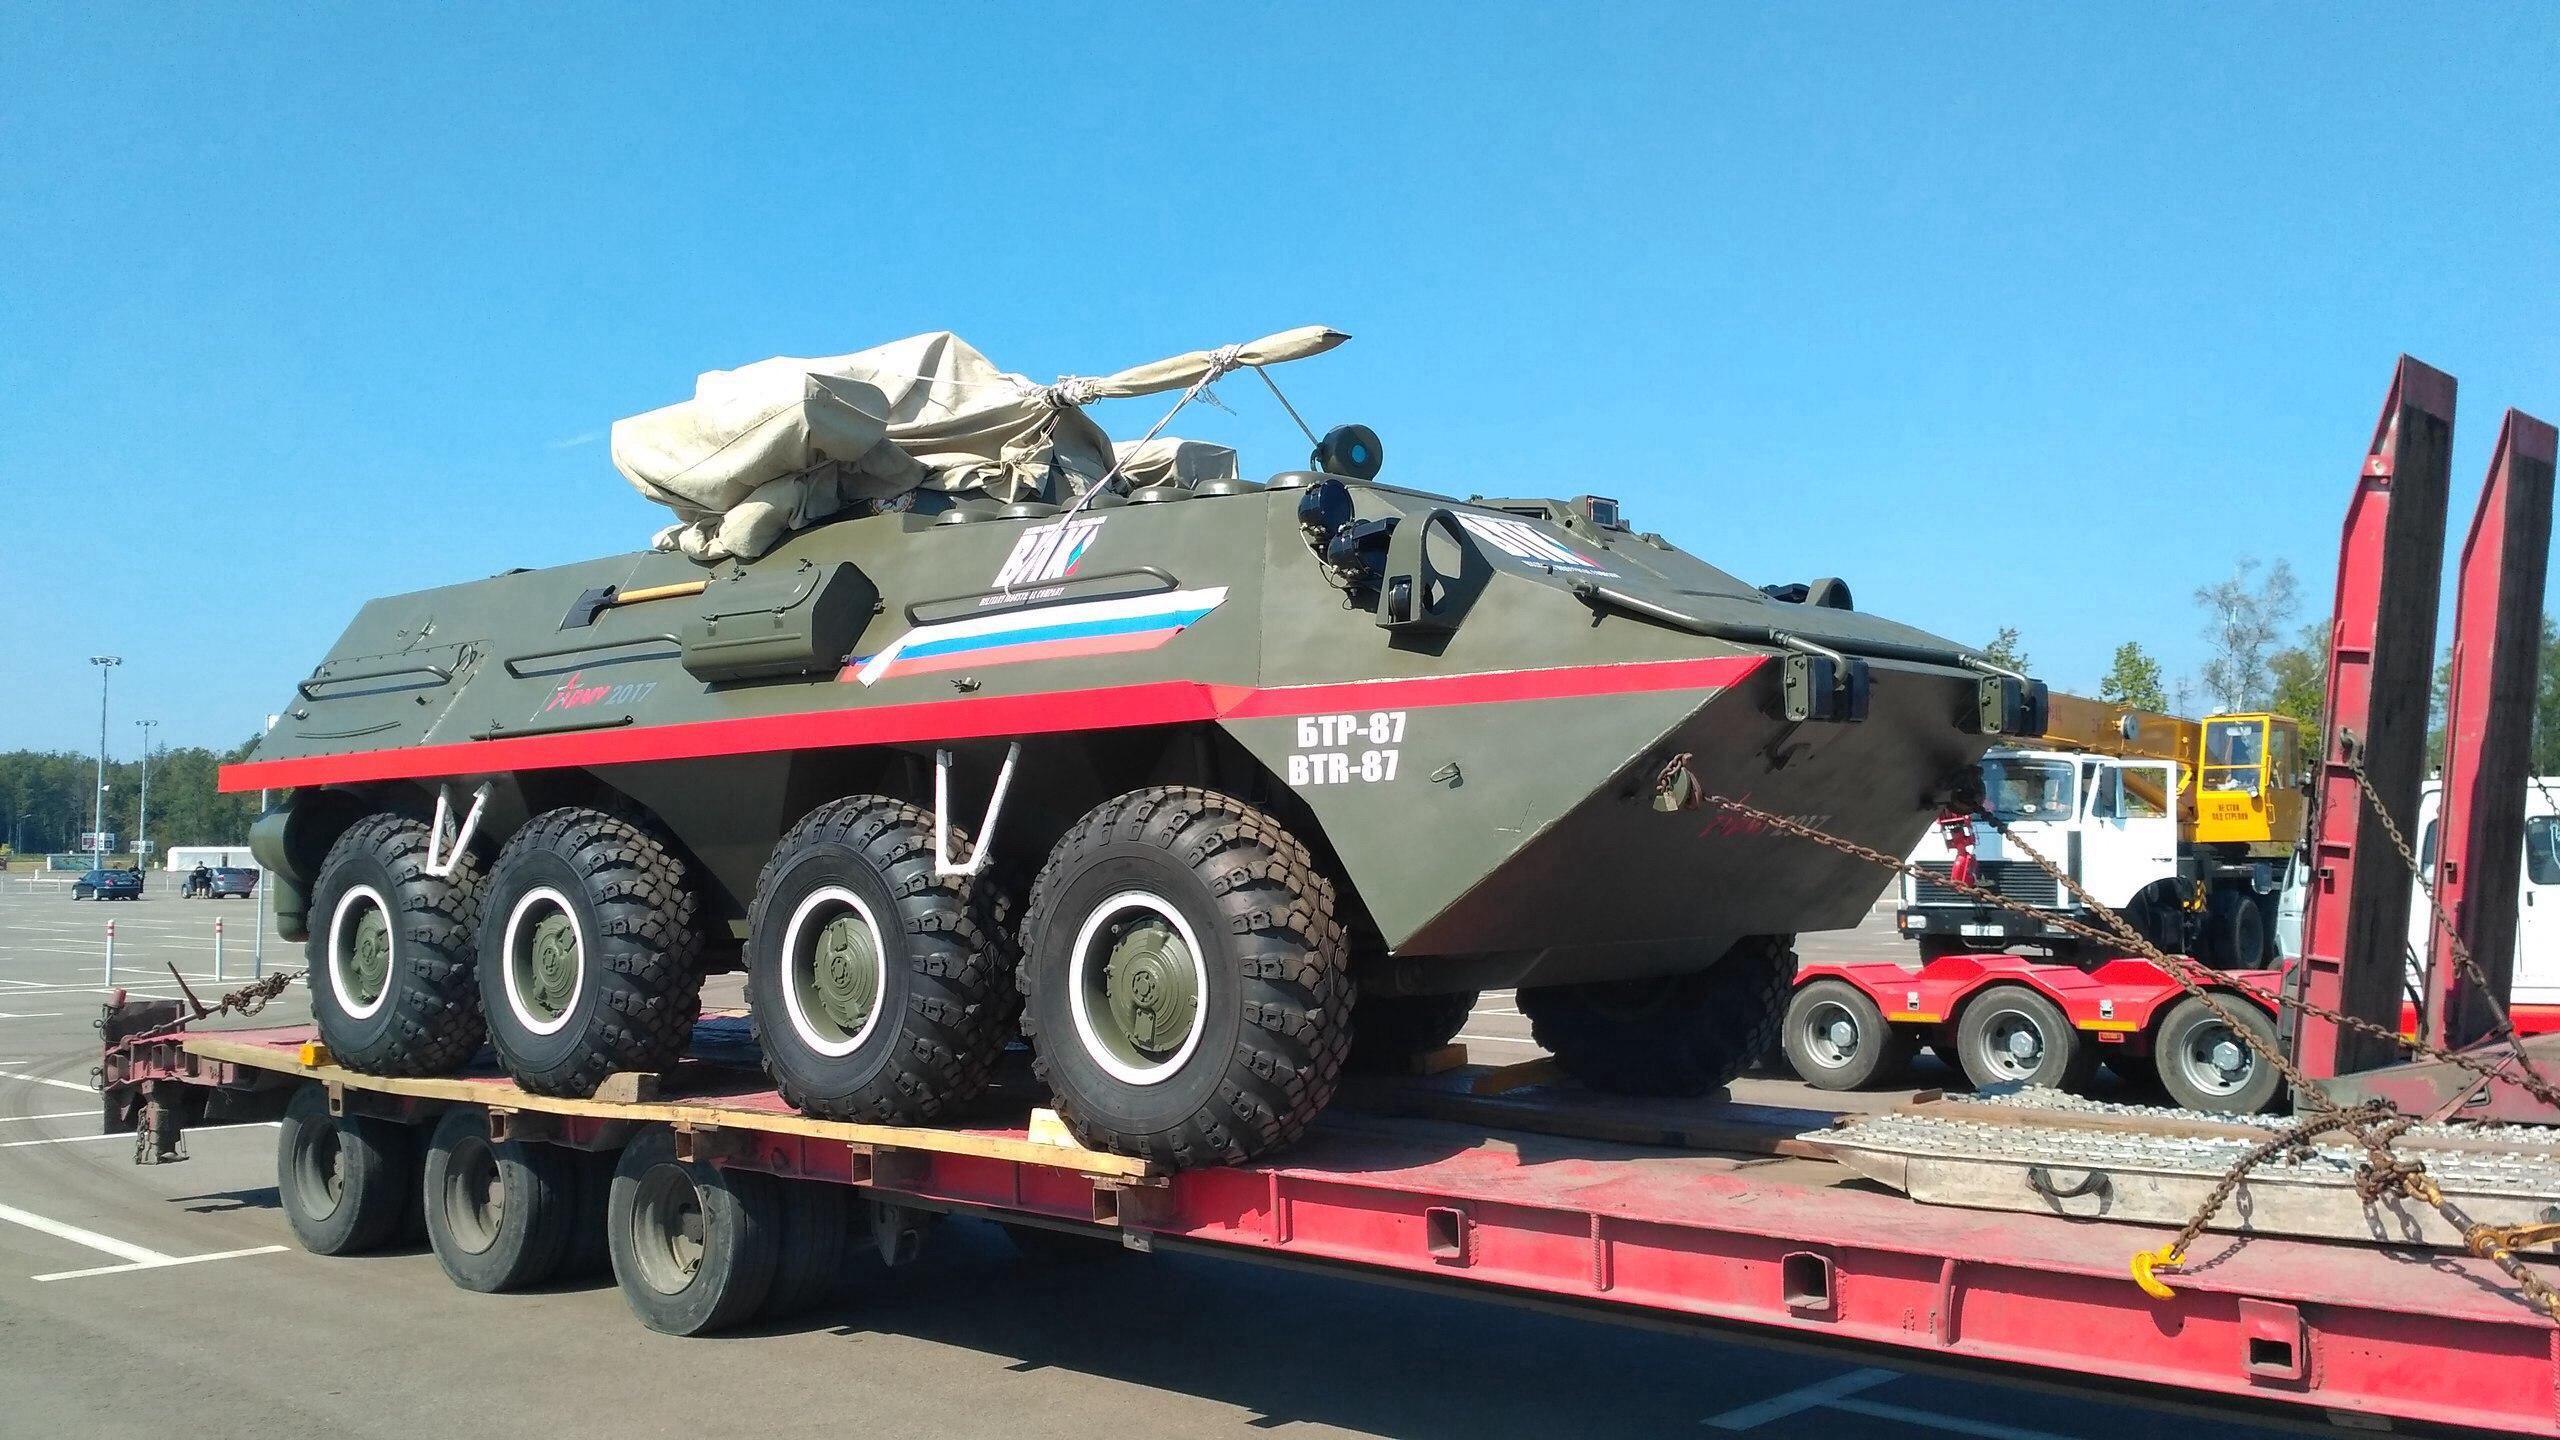 Armija-Nemzetközi haditechnikai fórum és kiállítás MmoT-EIs9uI